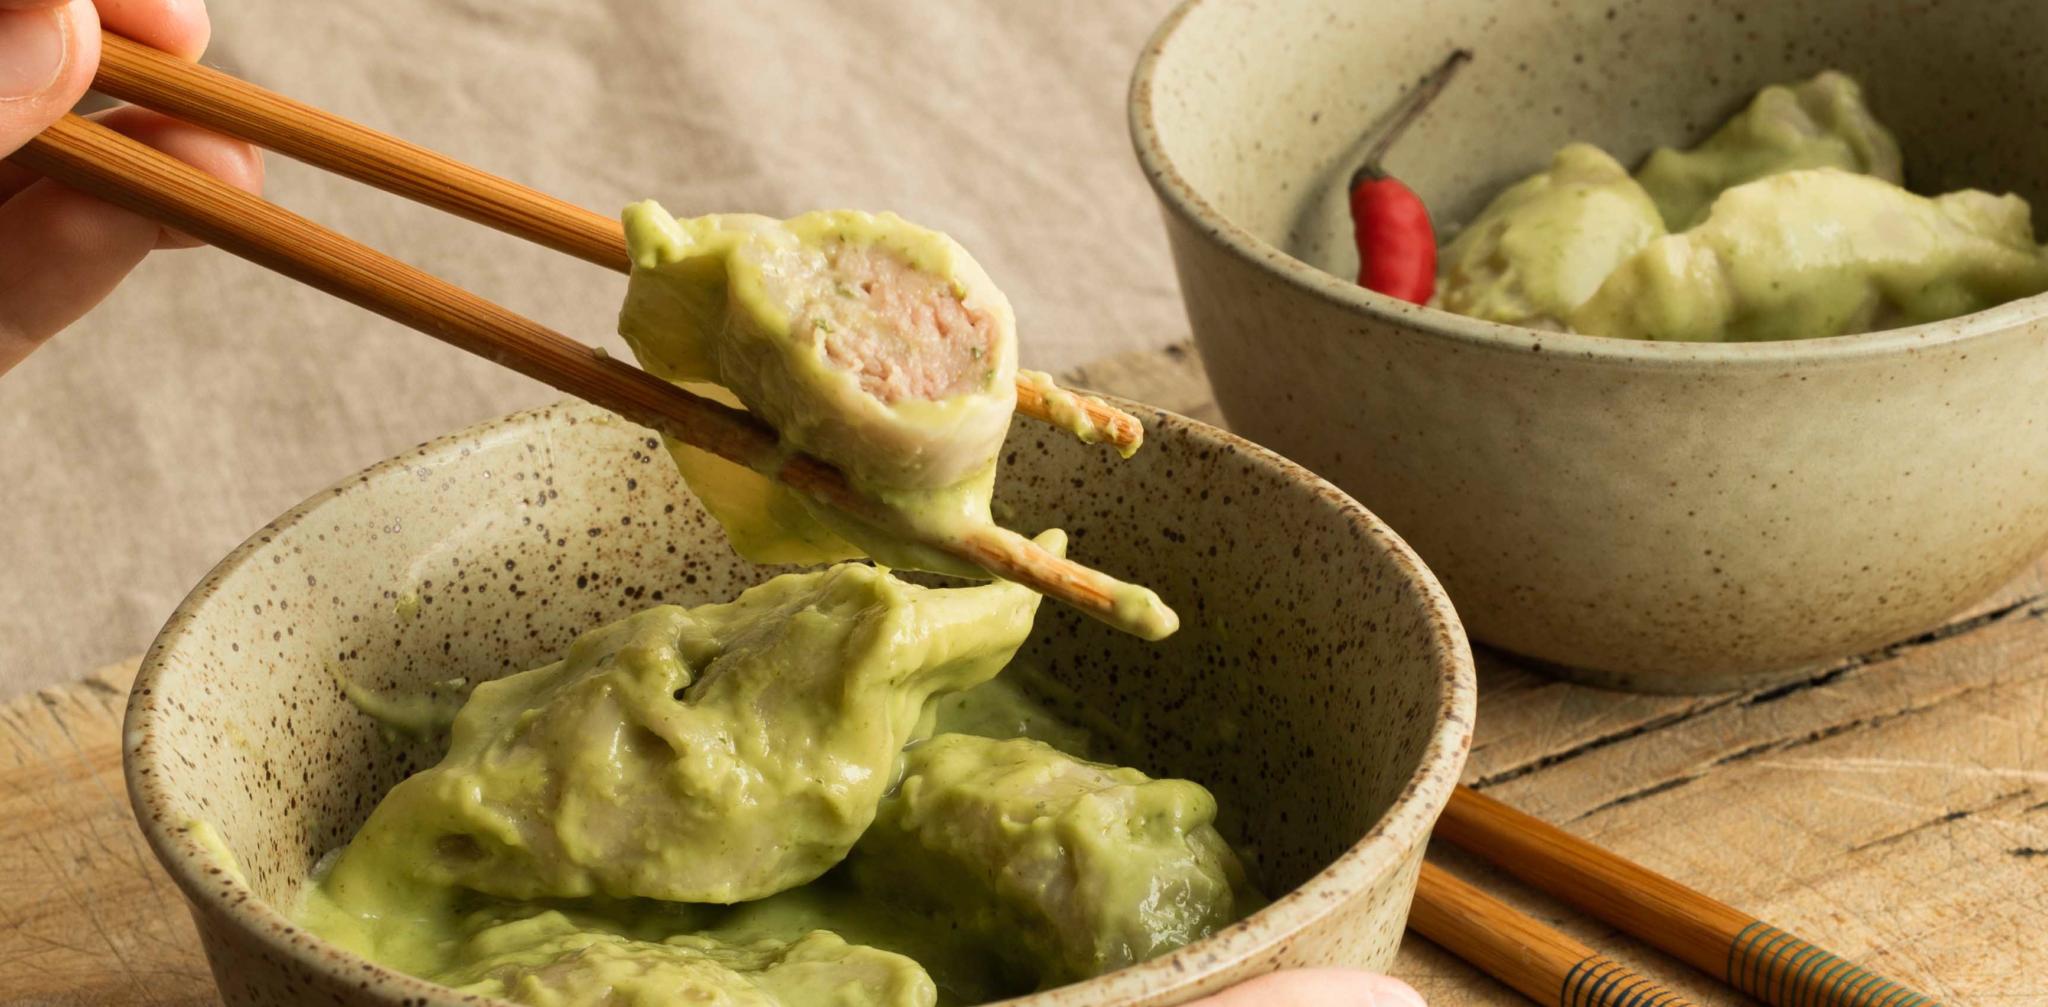 1021 3 X PAR JOUR Dumplings a la dinde sauce cremeuse au currry vert